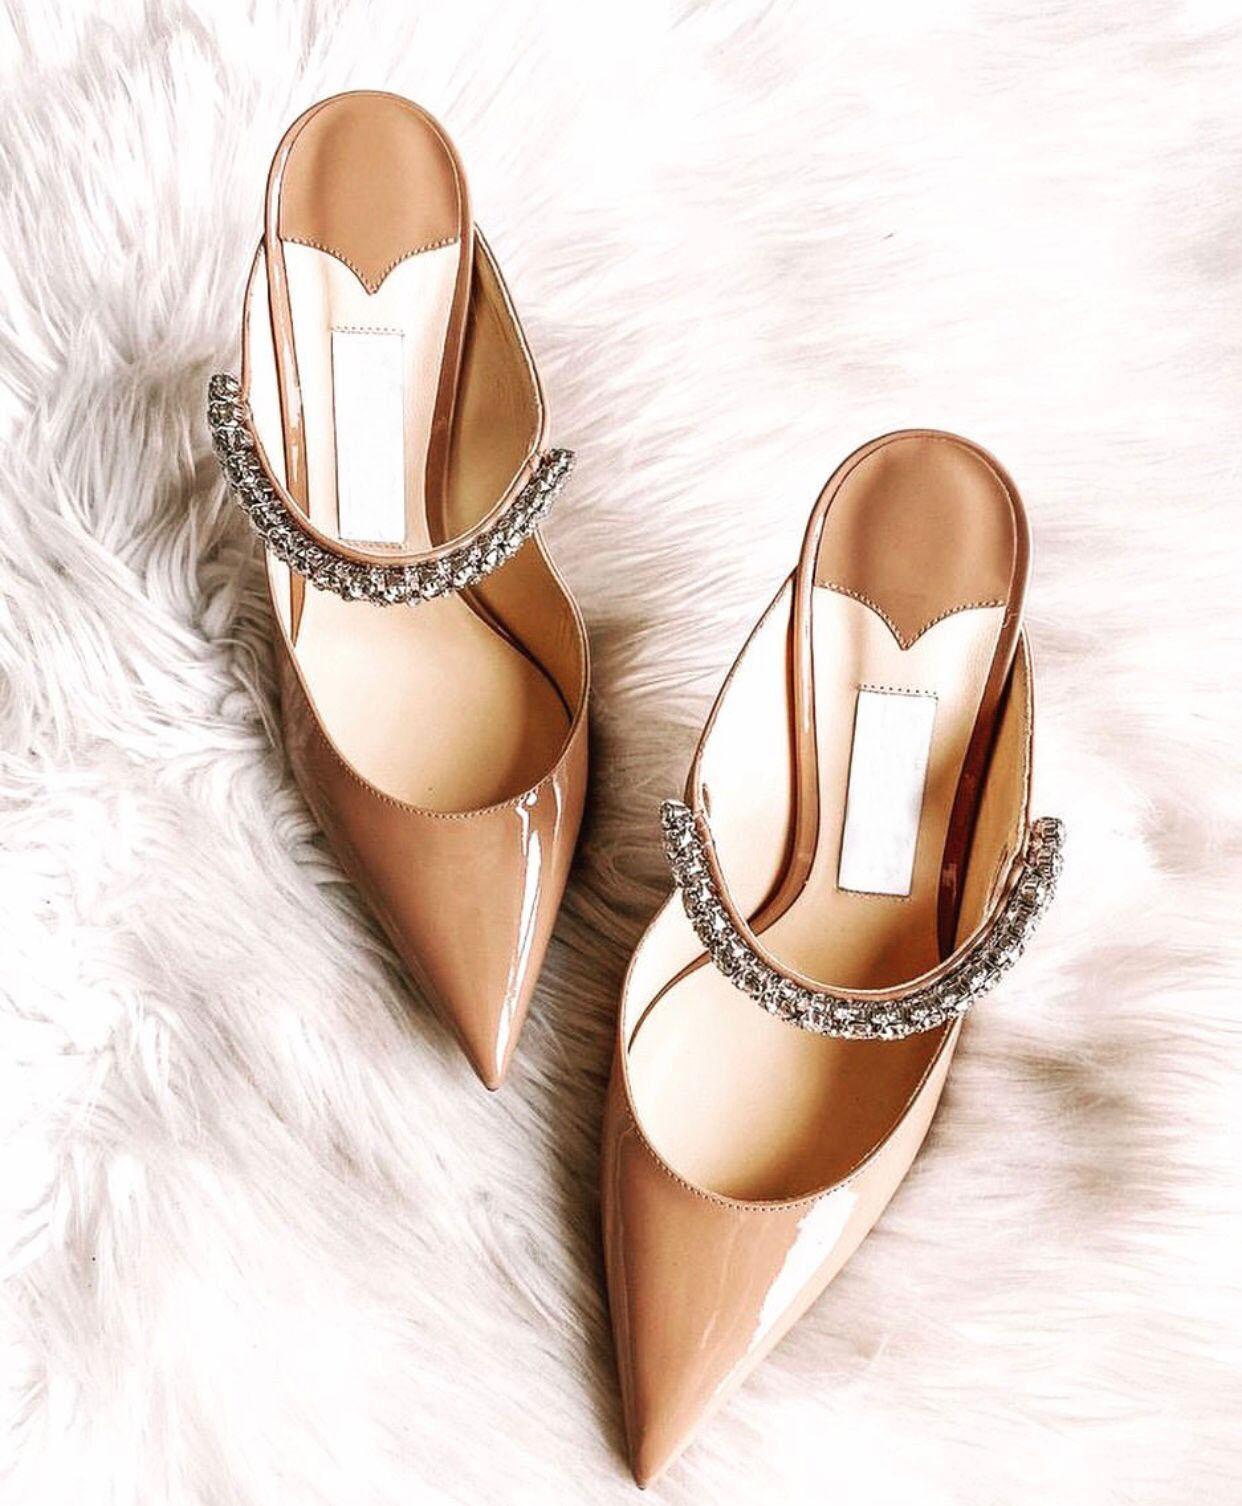 Gladiator Sandals patente de couro de luxo Bing 100 Cristal-embelezou Strap Twinkles Cristais Mulheres Salto Alto Lady vestido de festa com caixa